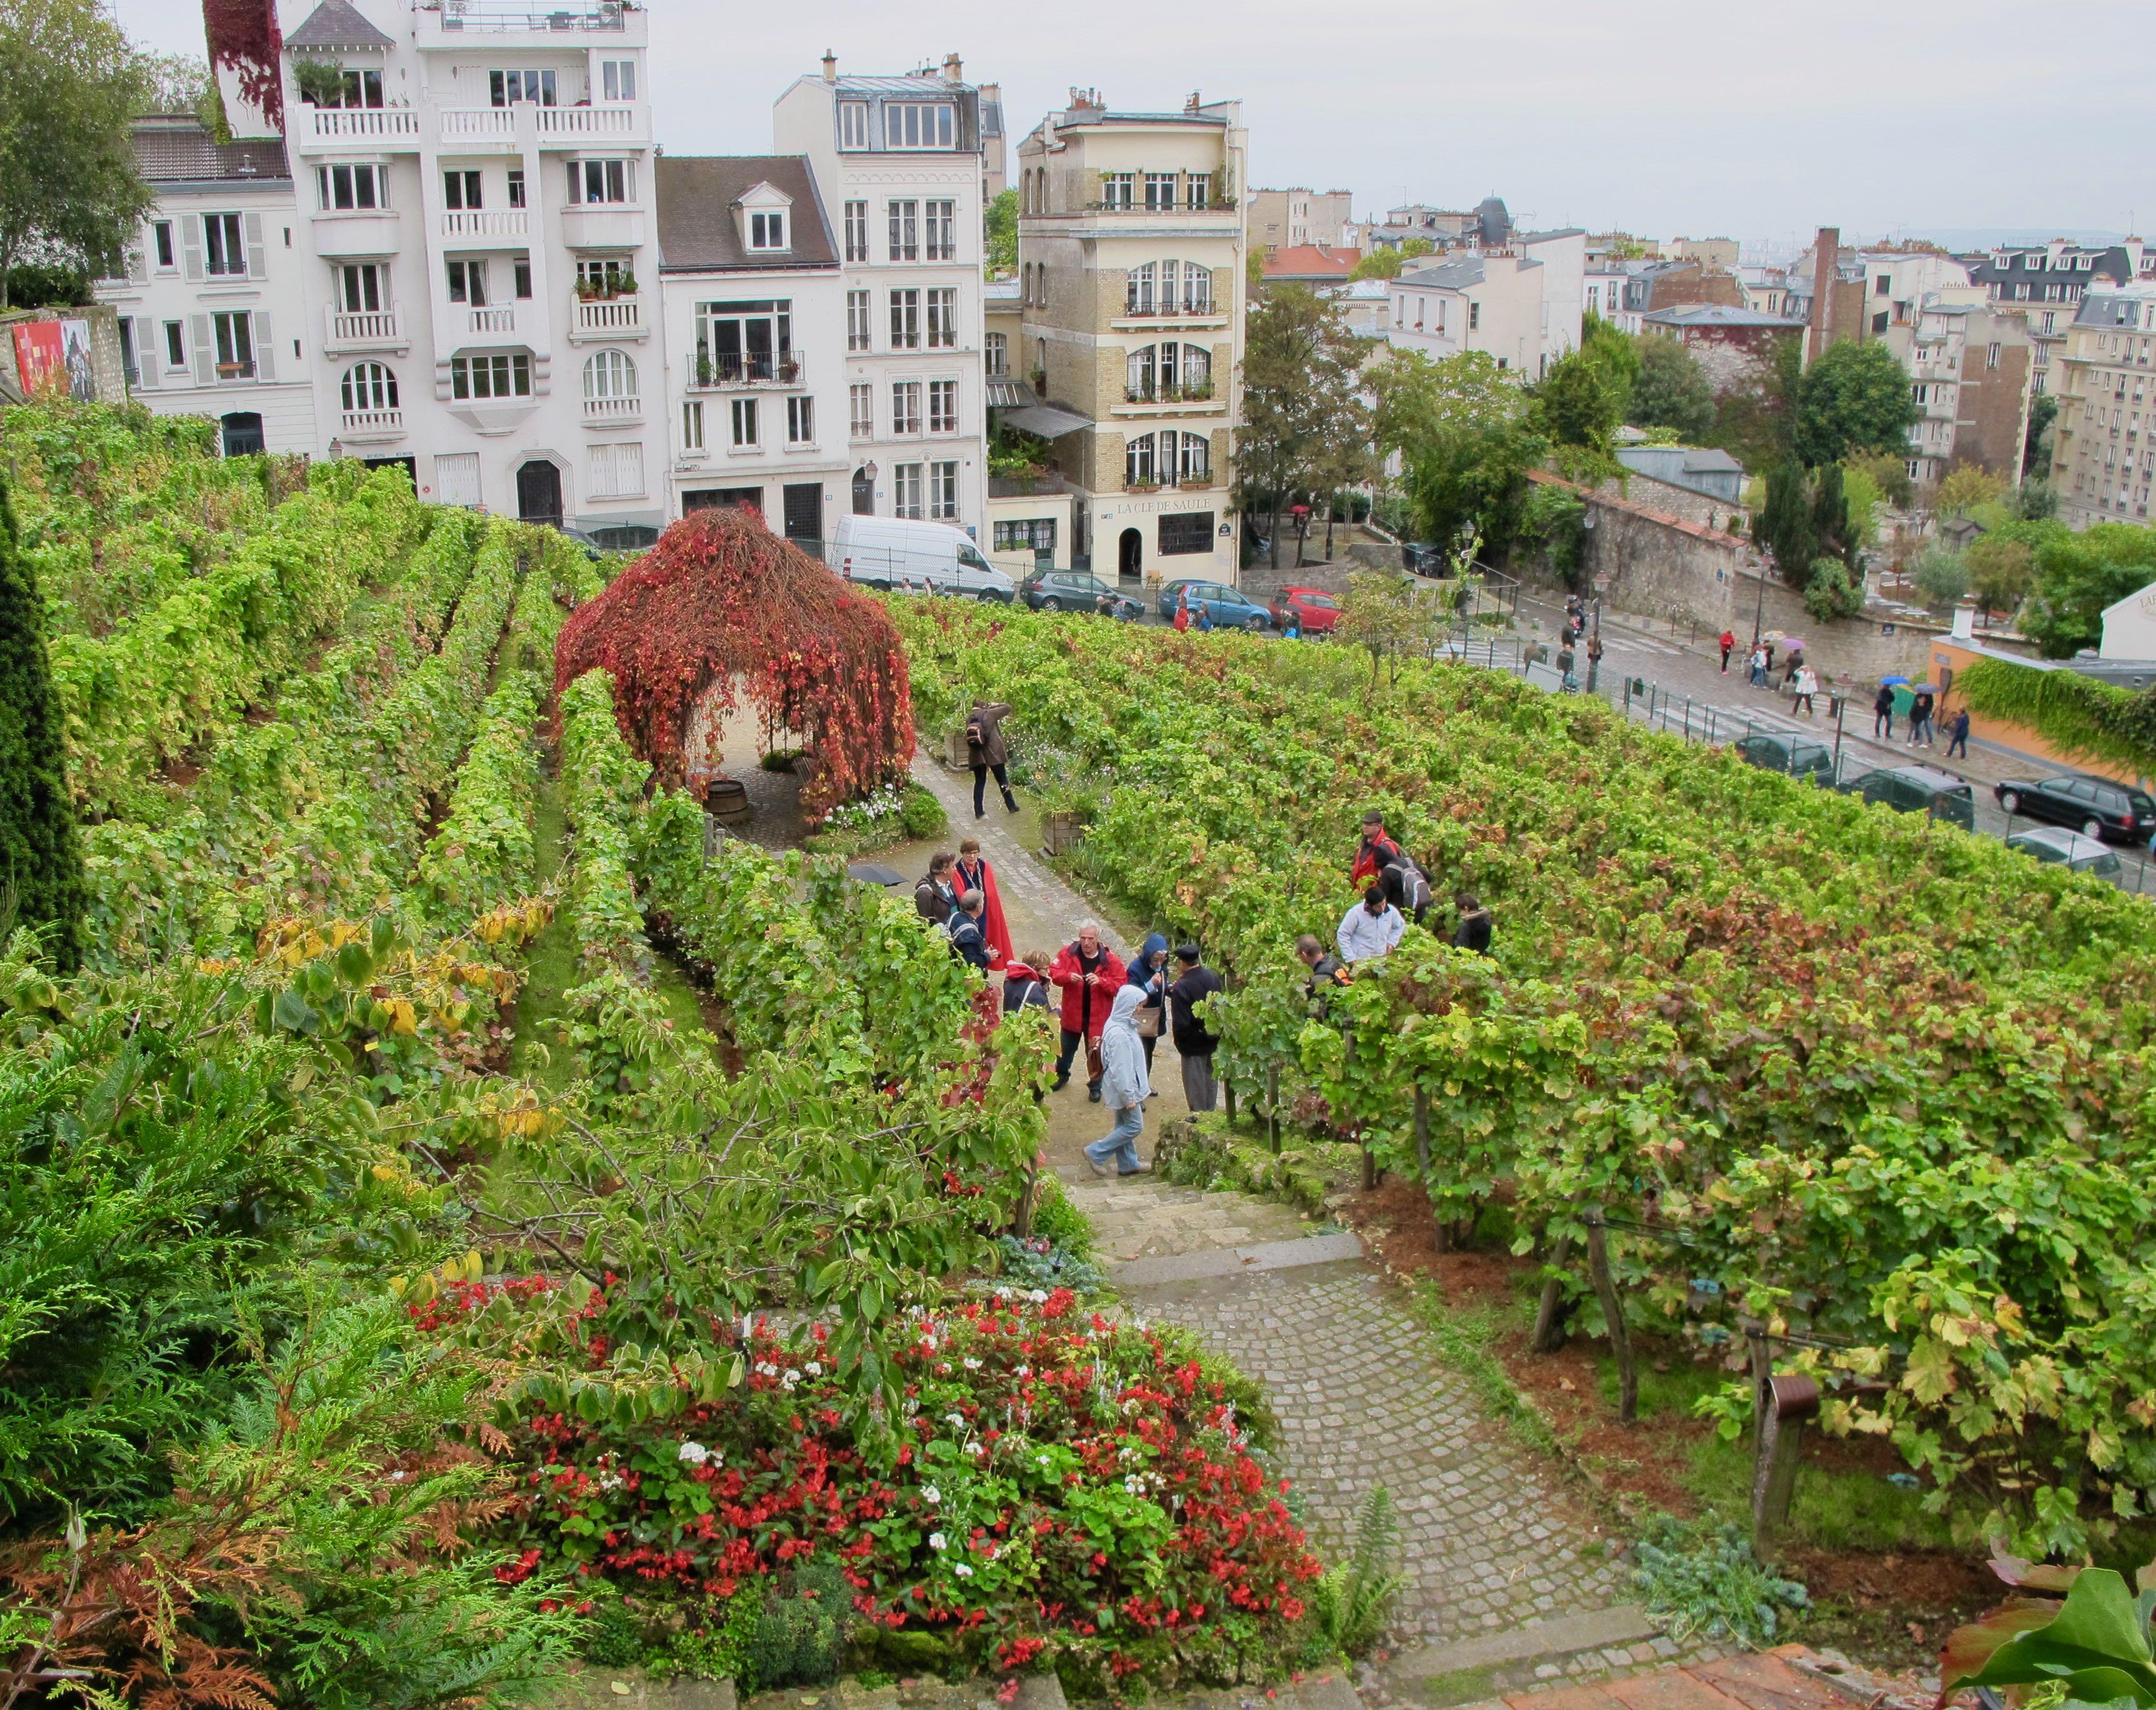 Clos Montmartre Paris